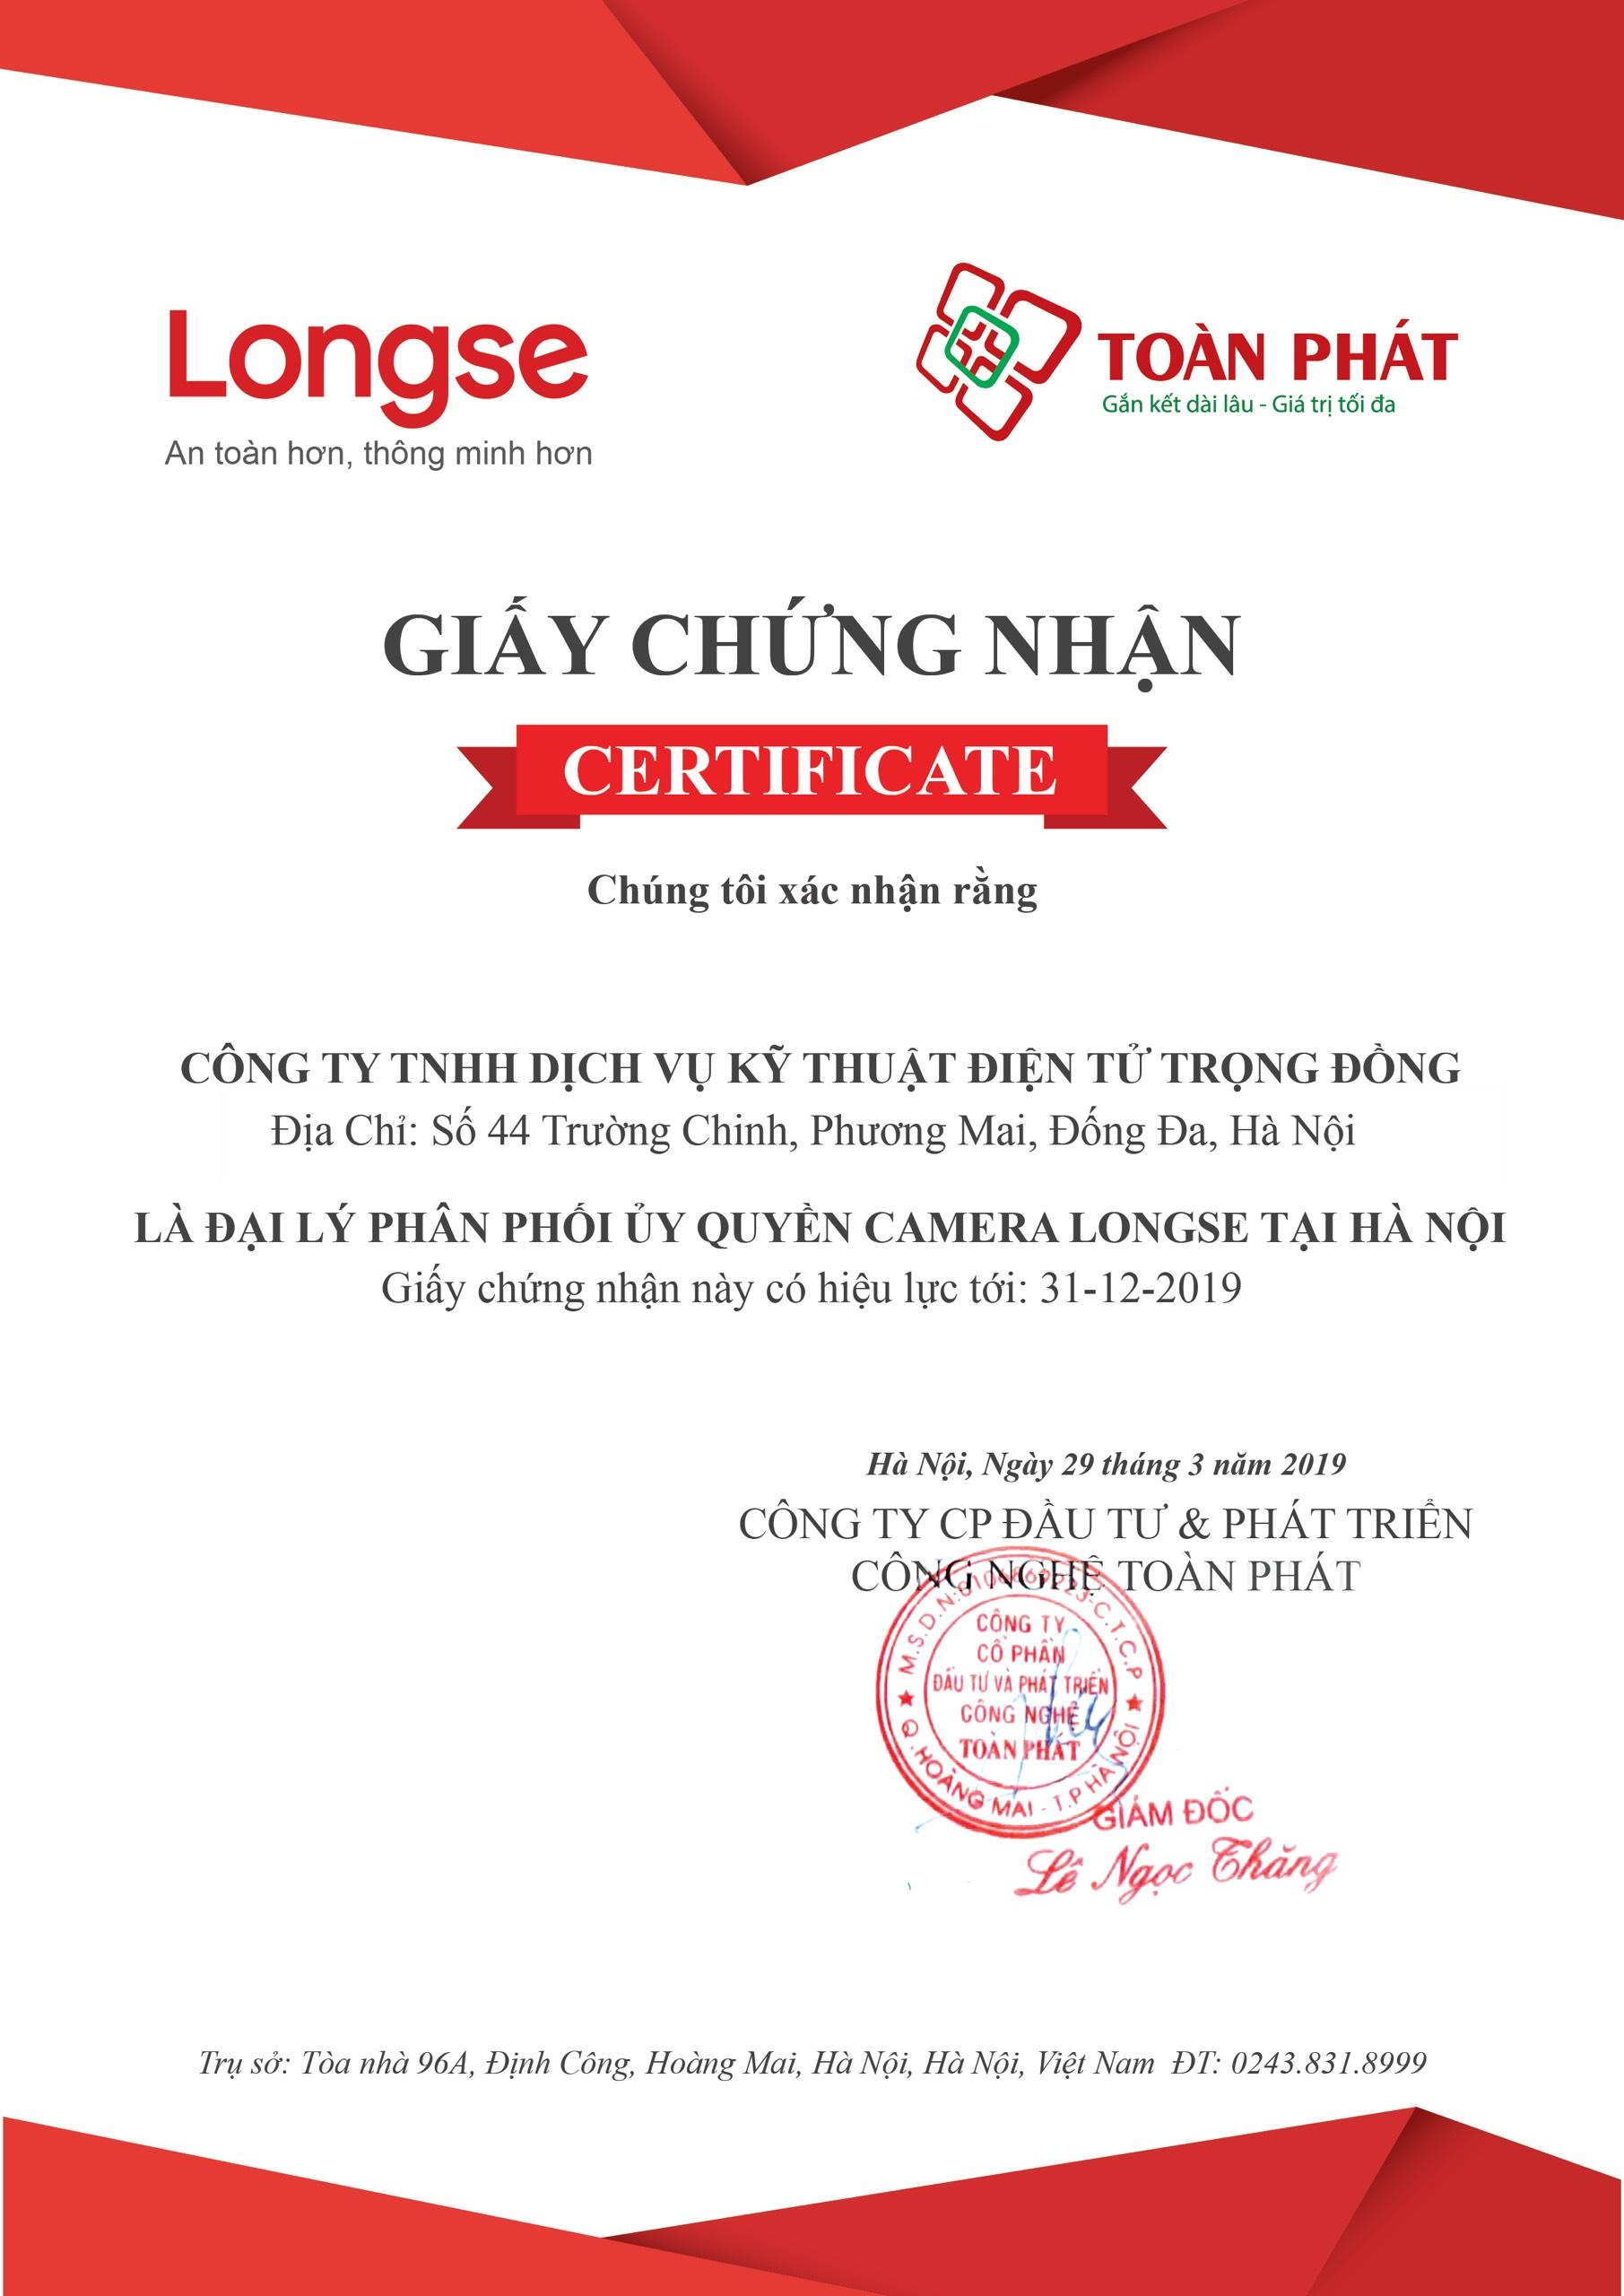 Điện tử Trọng Đồng là nhà phân phối Camera LongSe tại Việt Nam